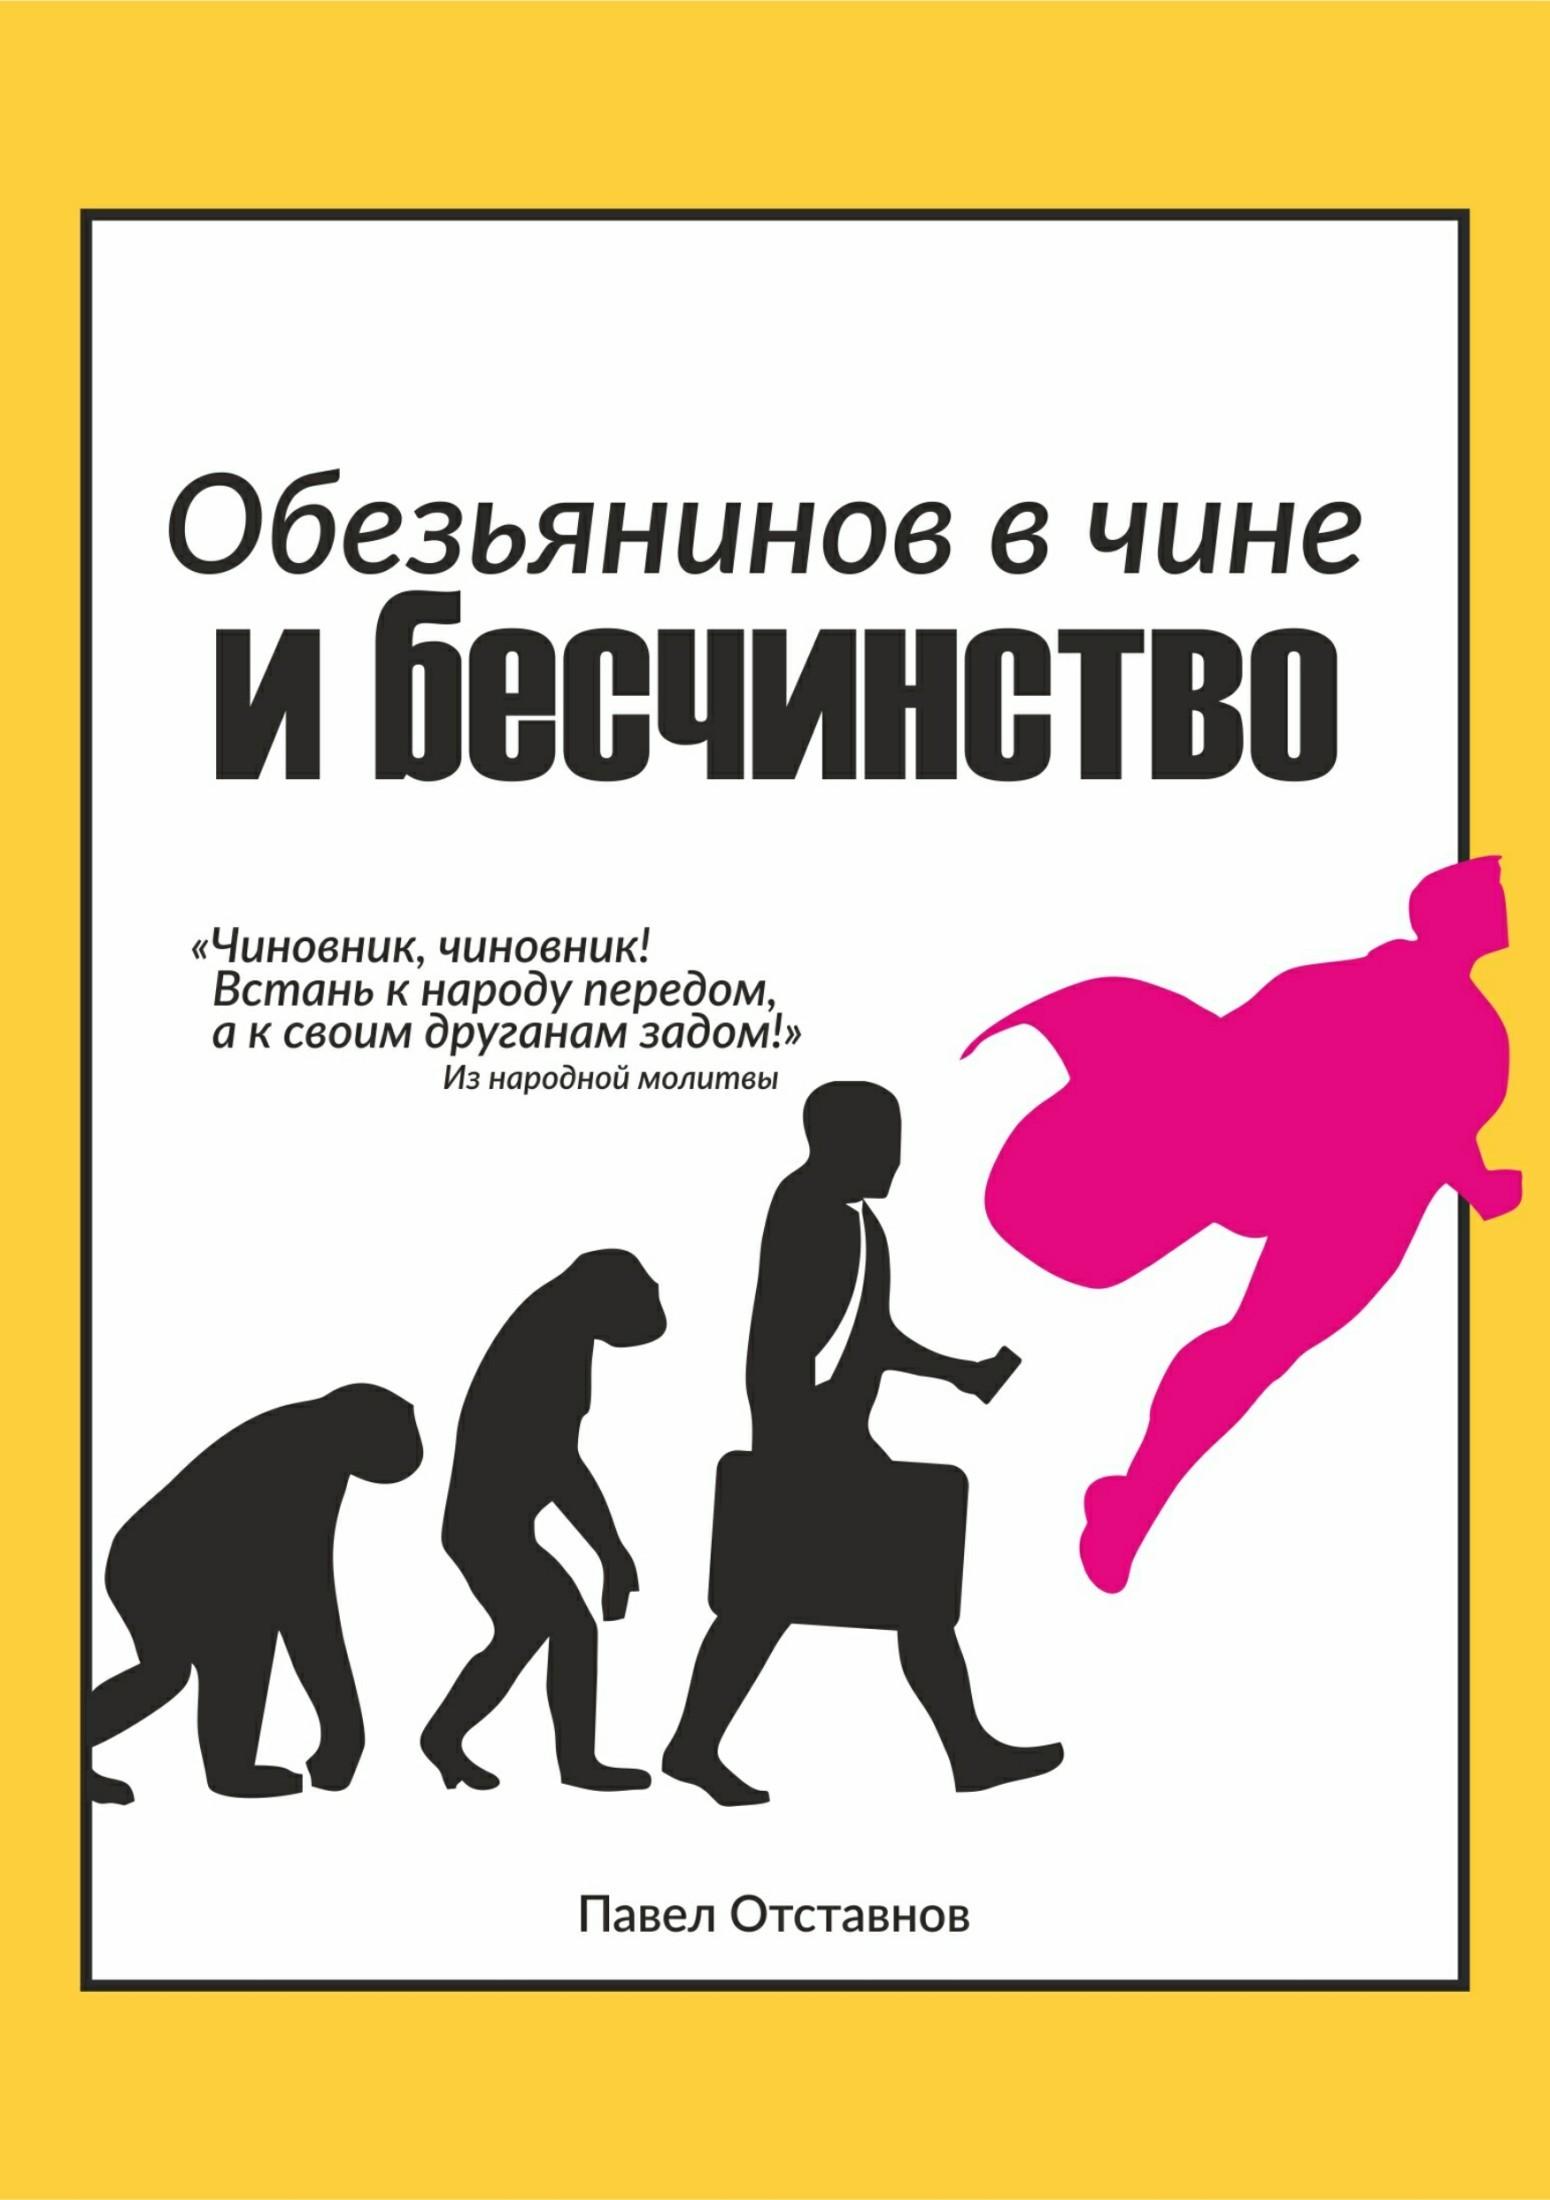 Павел Николаевич Отставнов бесплатно